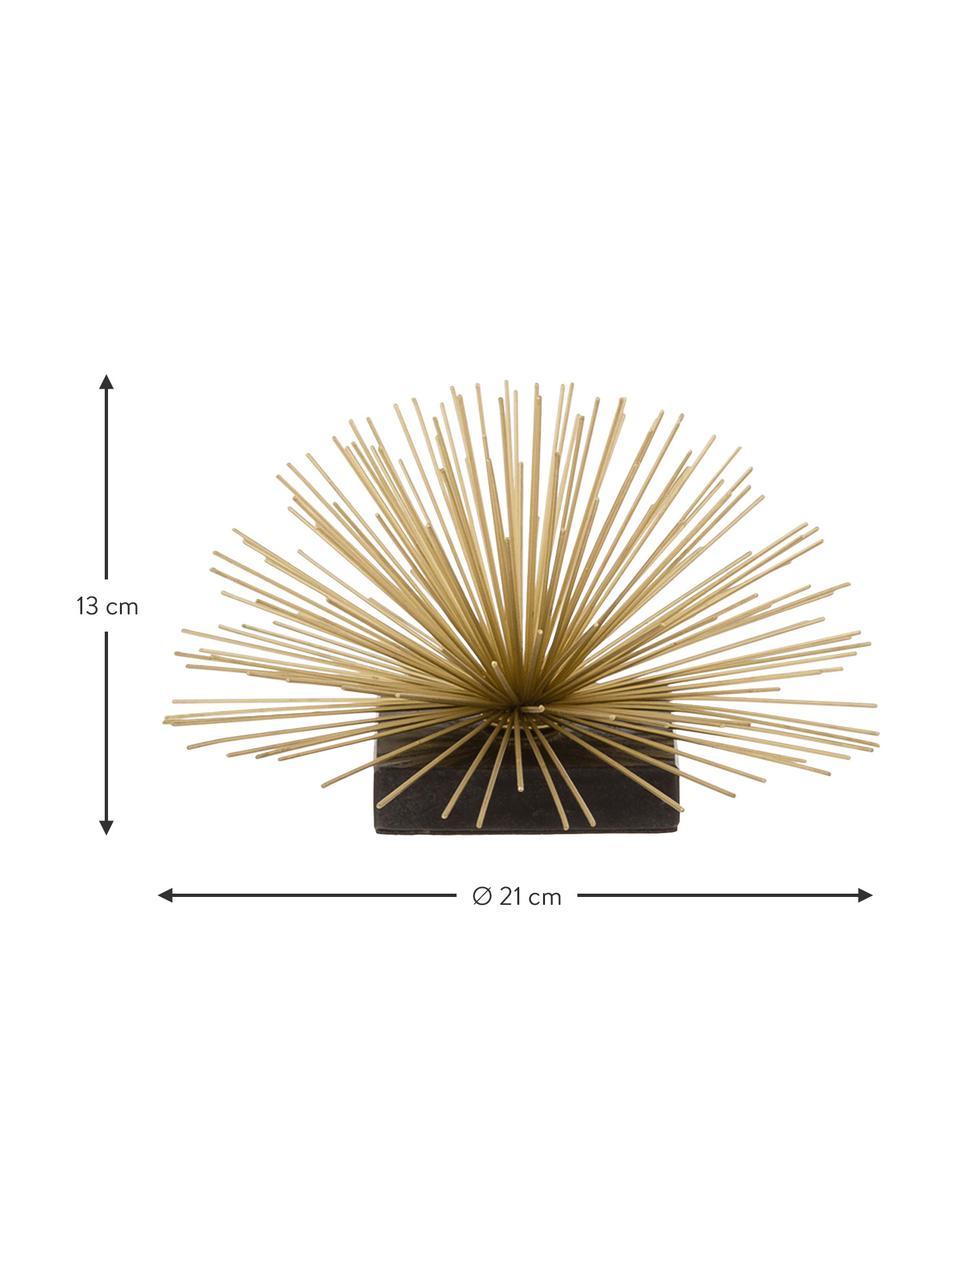 Objet décoratif Marburch, Ornement: couleur dorée Pied: marbre noir